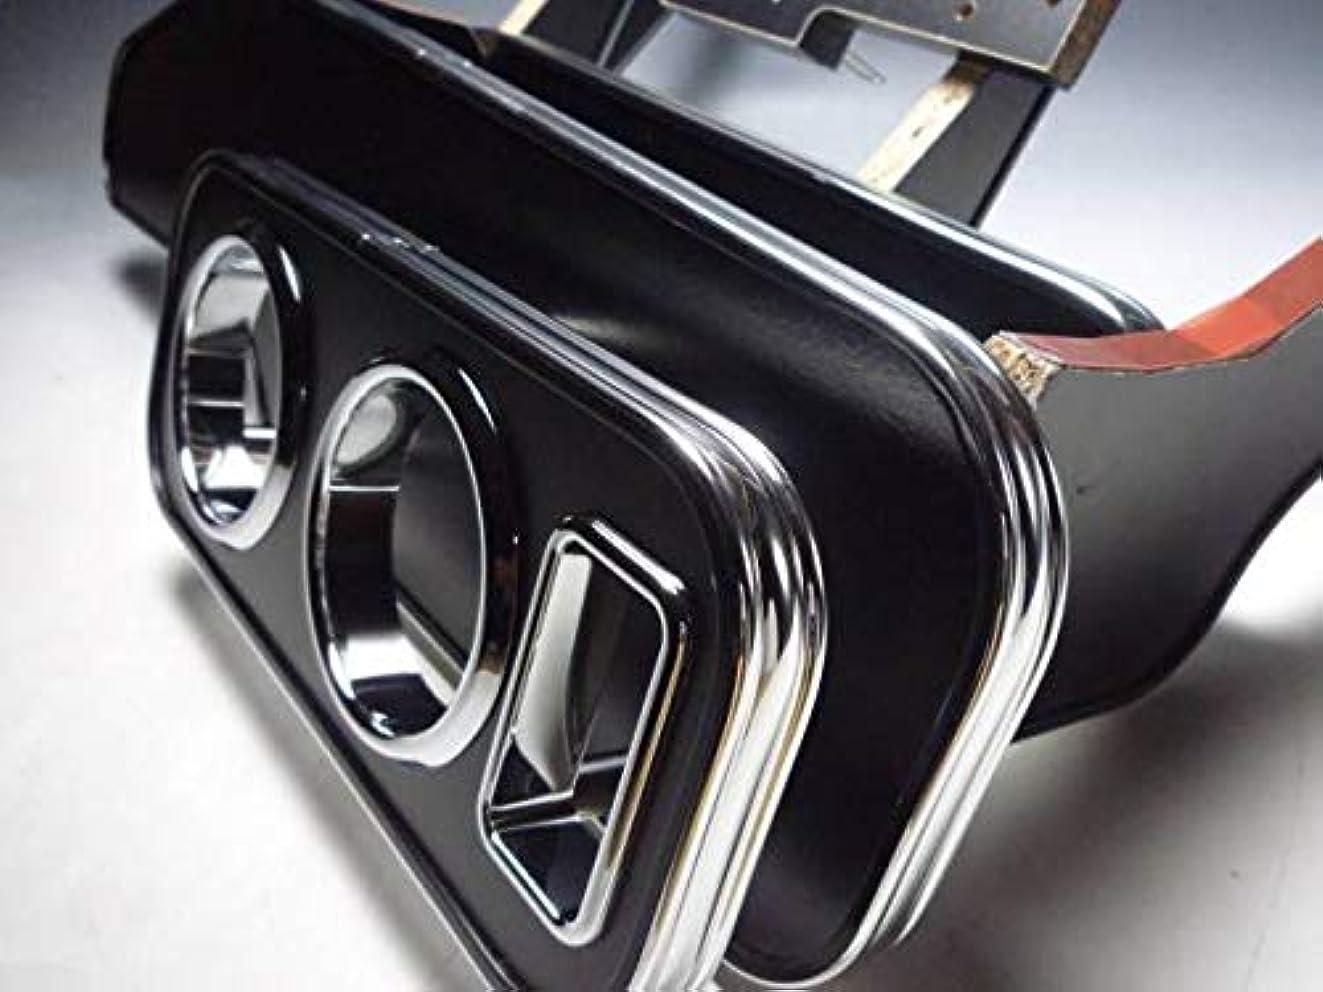 説教真実に仕える数量限定 T31系エクストレイル フロントテーブル レザーブラック 携帯ホルダー運転席側 ブラックフルメッキ